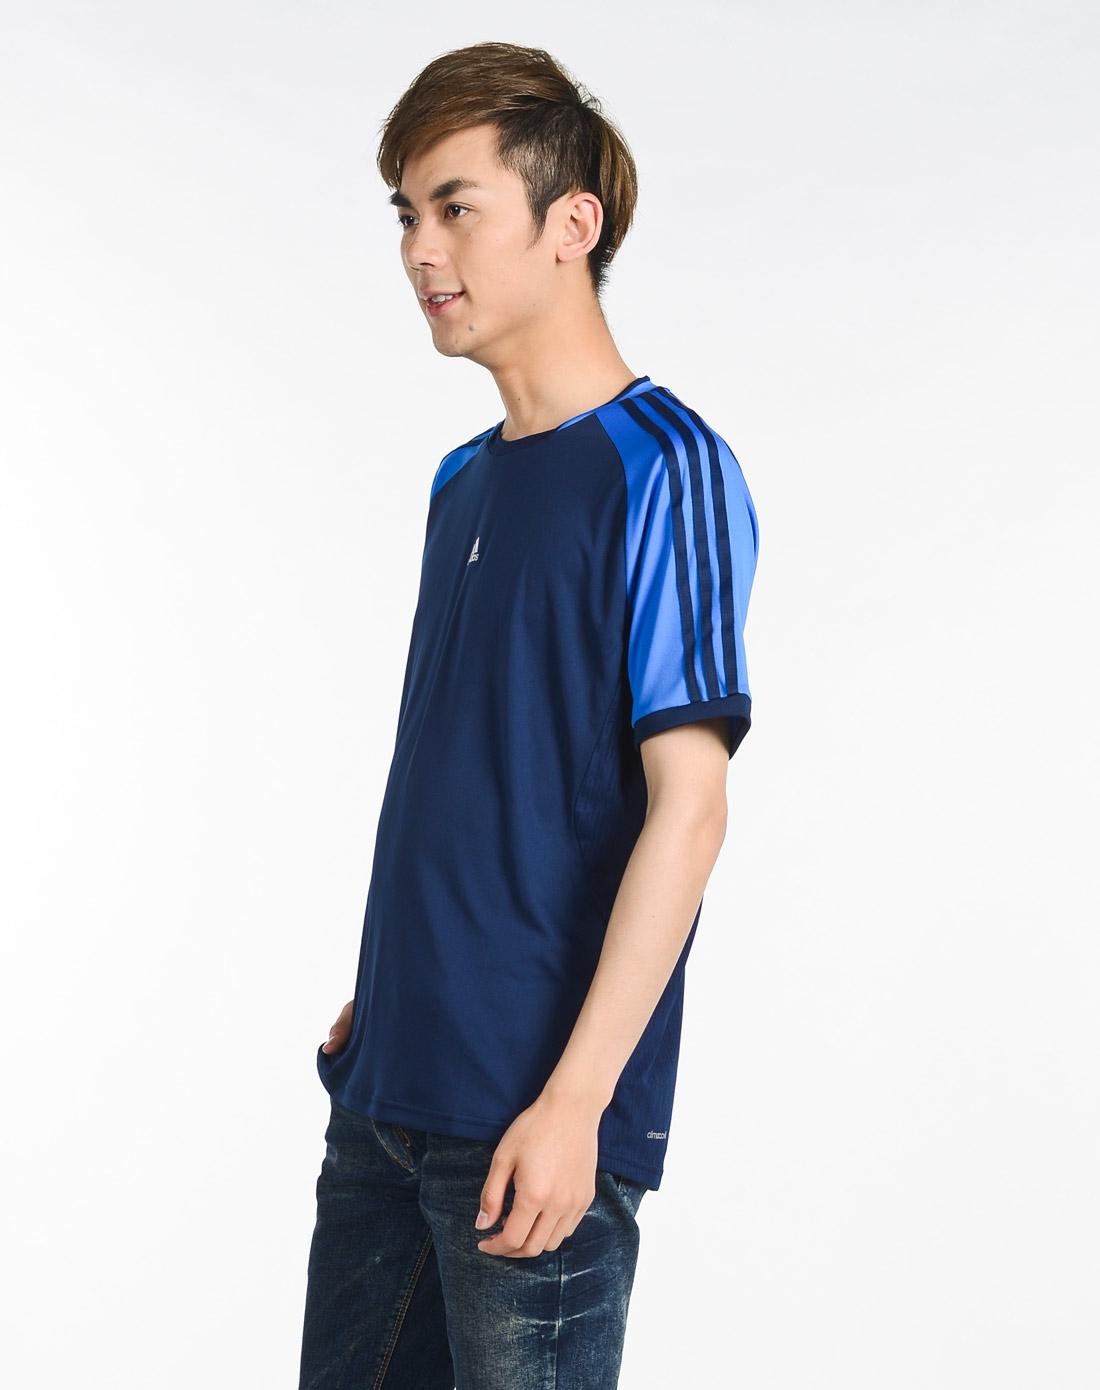 男子黑/蓝色短袖t恤